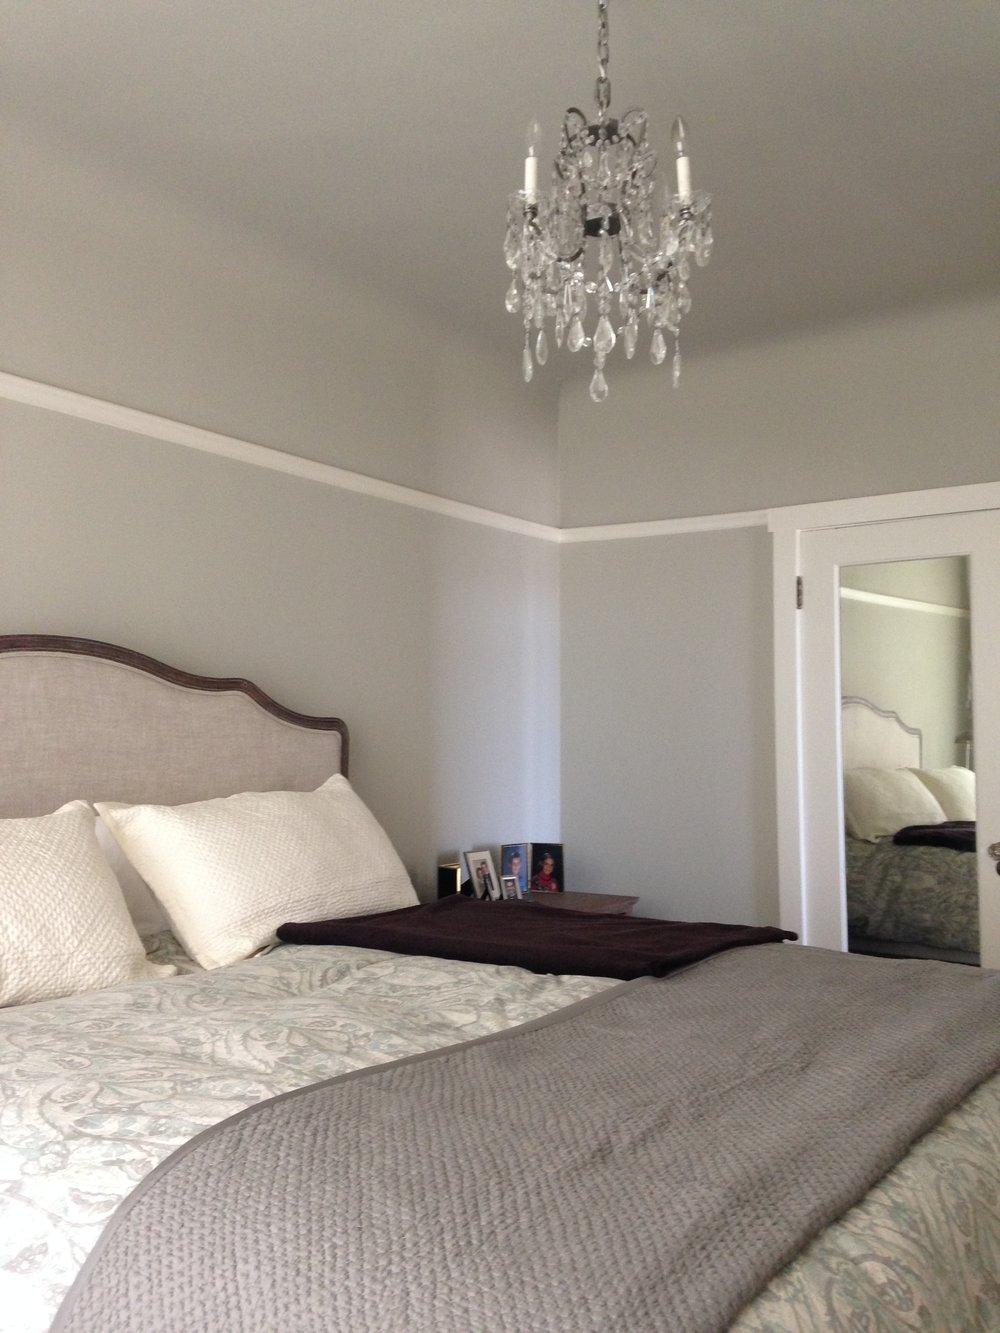 SF_Bedroom_1.JPG